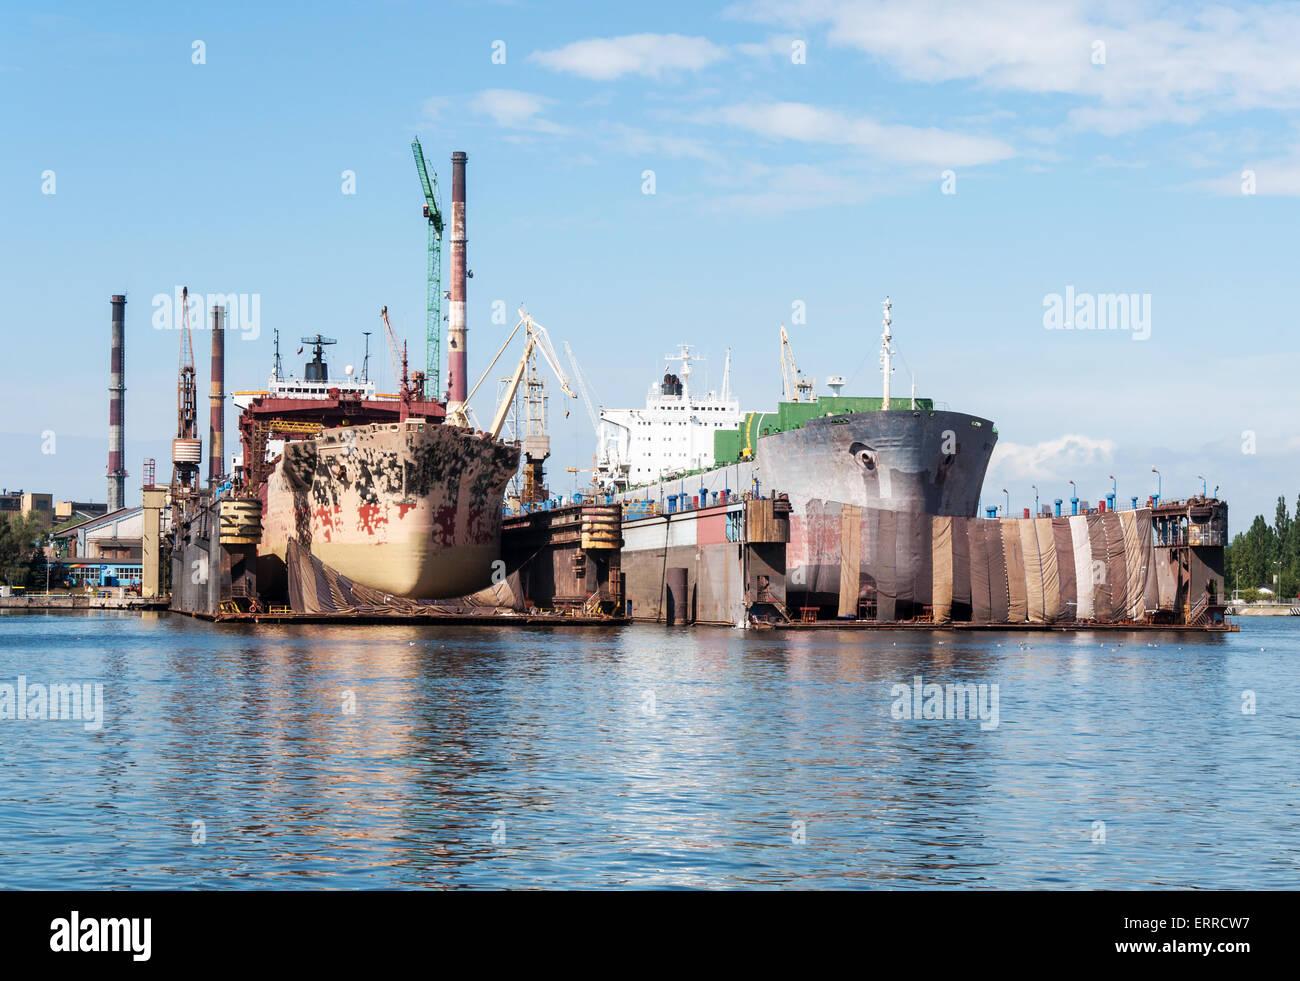 Two ships in major renovation in ship repair yard in Gdansk, Poland - Stock Image